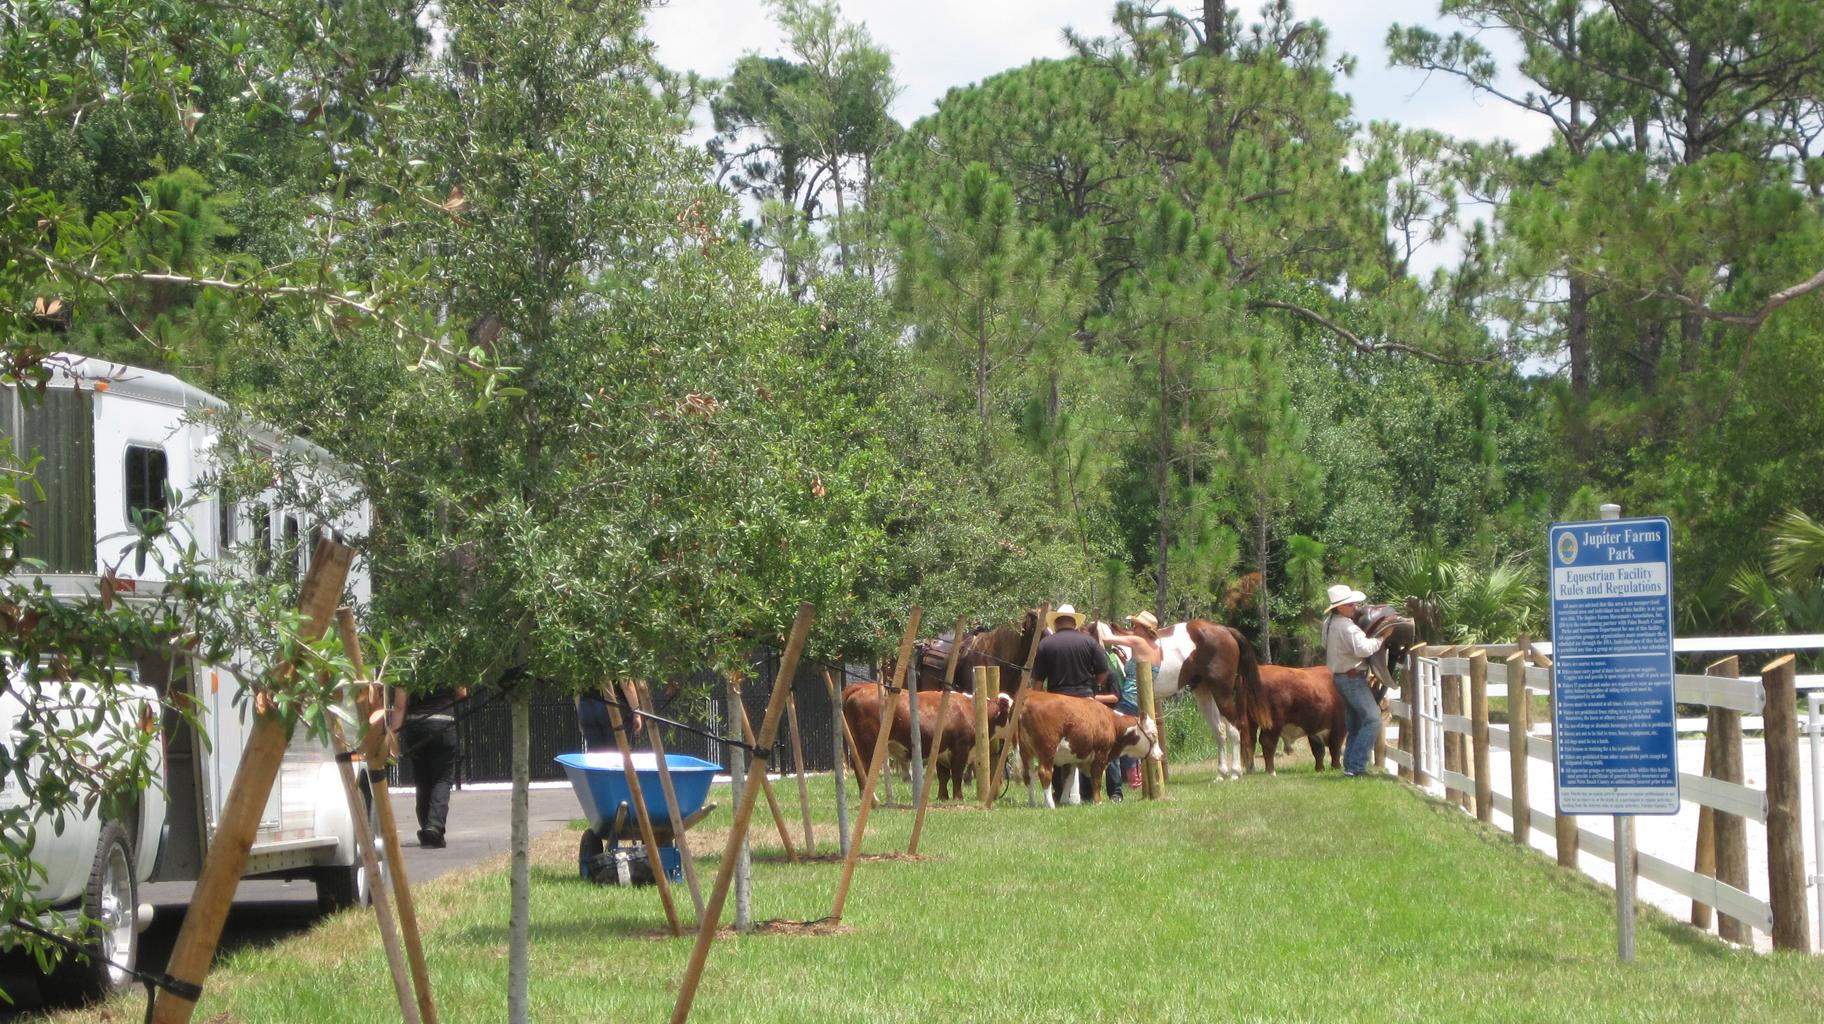 Palm Beach County Equestrain Facility Horse Enclosure.jpg